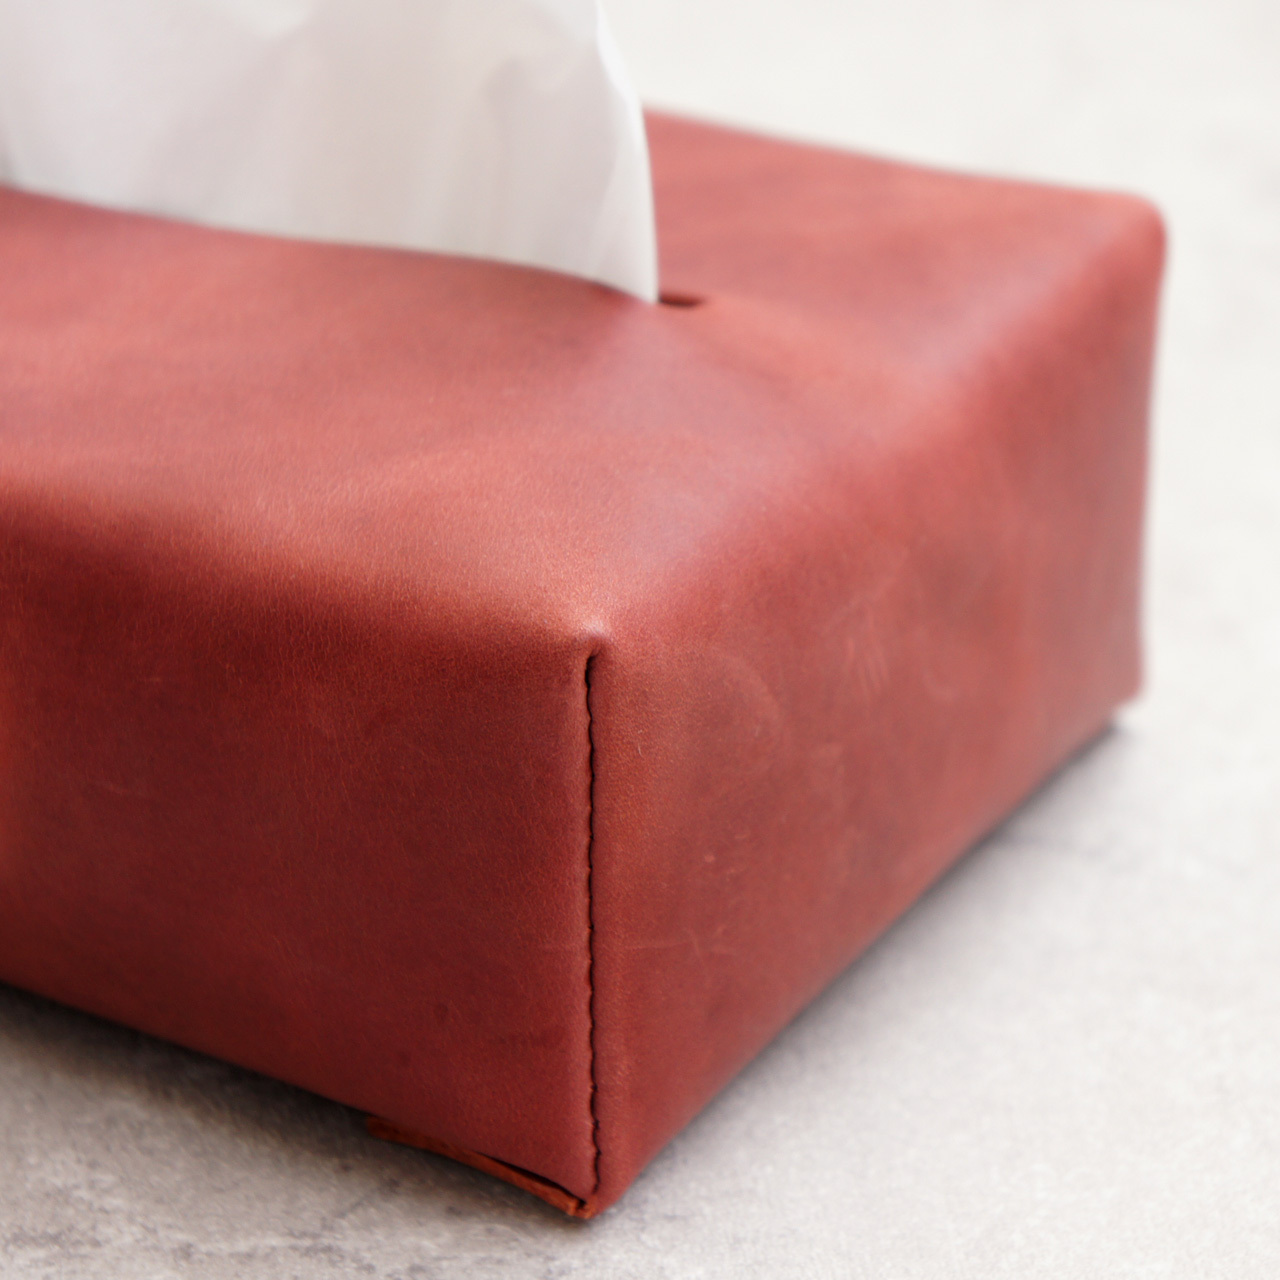 ふんわり柔らか革の箱ティッシュカバー【レッド】